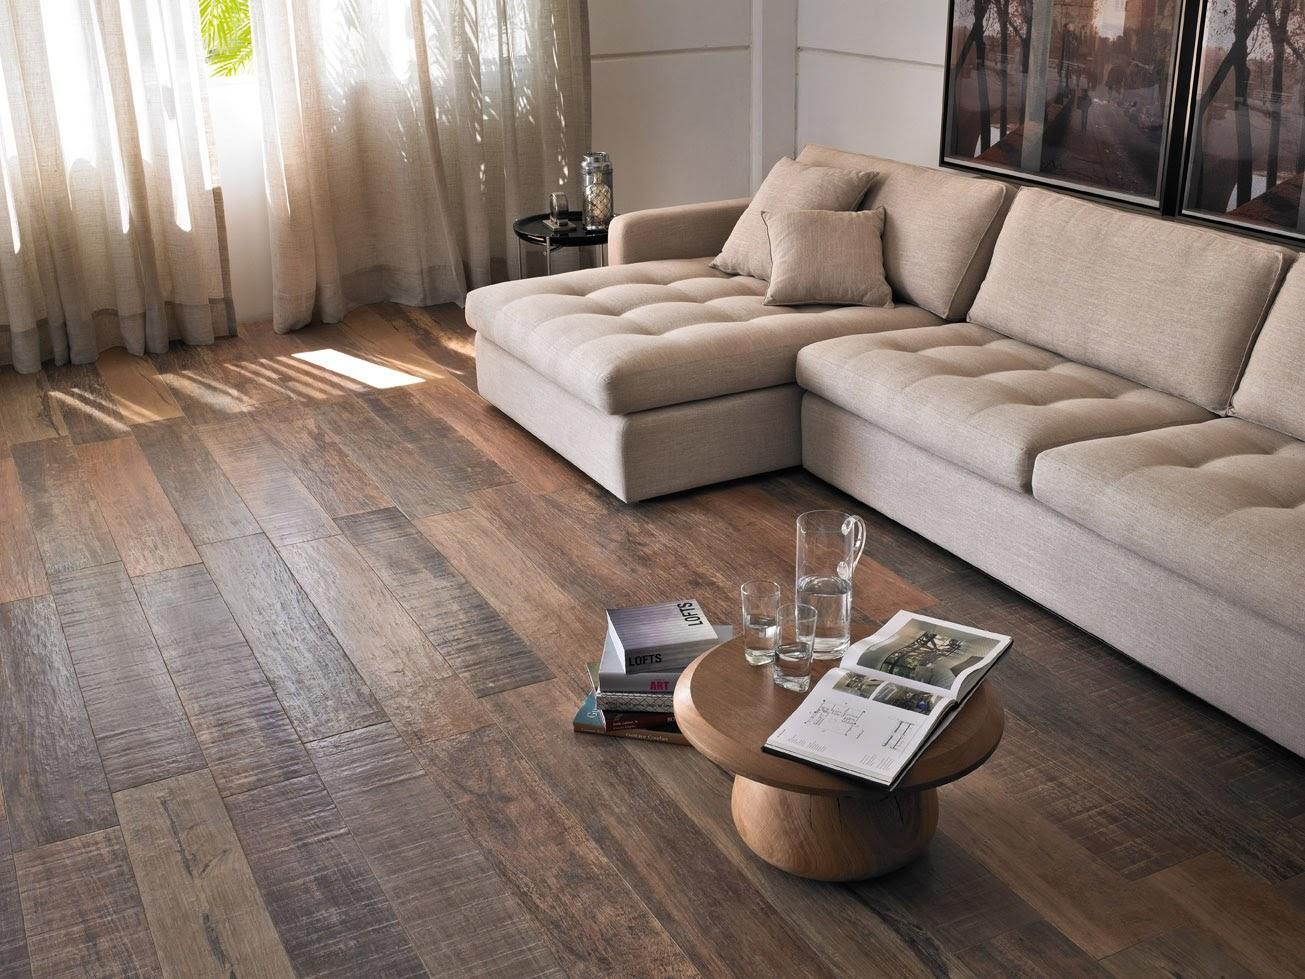 Pisos que imitam madeira 60 fotos e ideias for Modelos de pisos exteriores